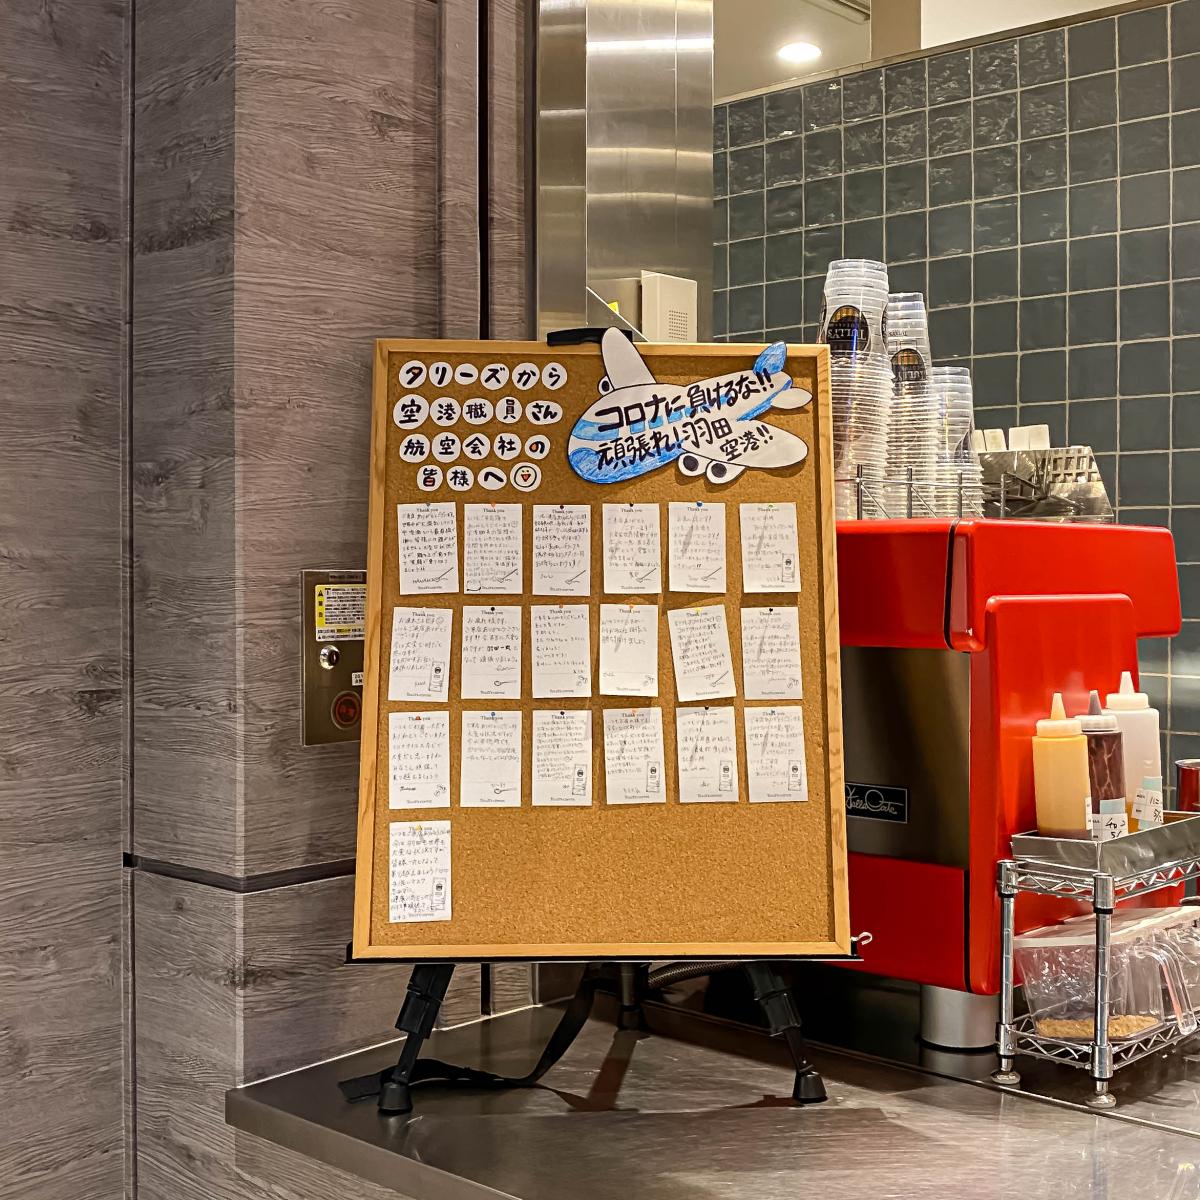 おまけ②:泣けるメッセージボード@タリーズコーヒー羽田空港第3ターミナル店